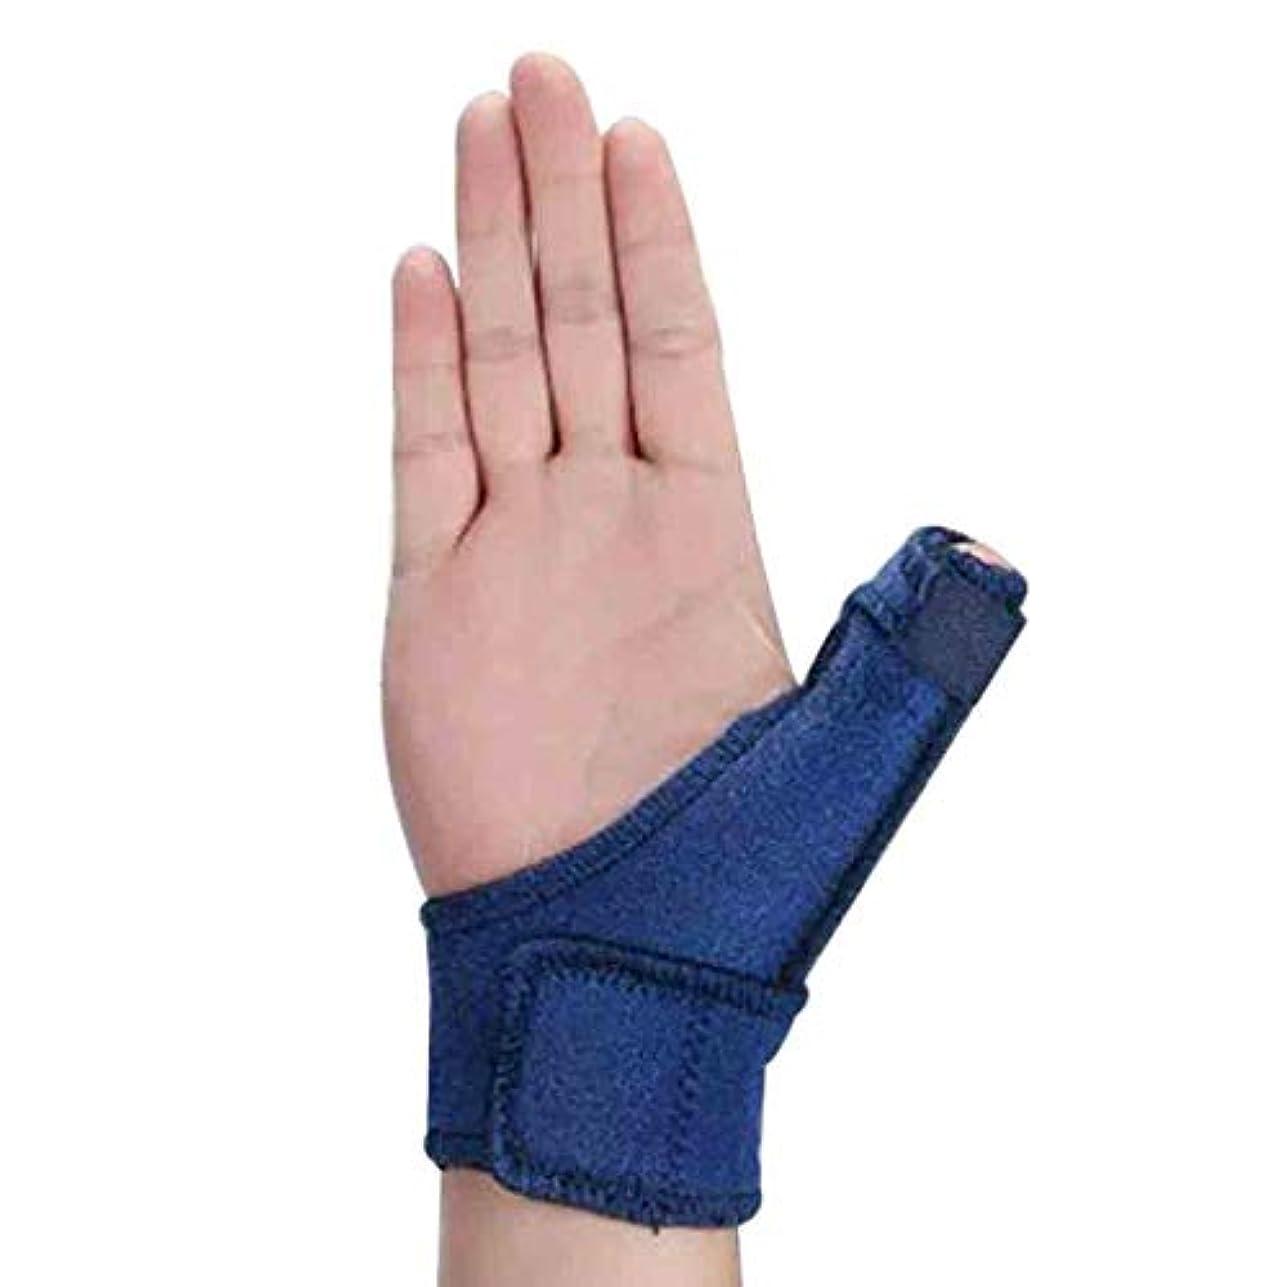 適度に記念日水没トリガーのための調節可能な親指スプリント親指リストストラップブレース親指スプリント親指関節炎痛み緩和ブレース(1個、ユニセックス、左&右の手青) Roscloud@